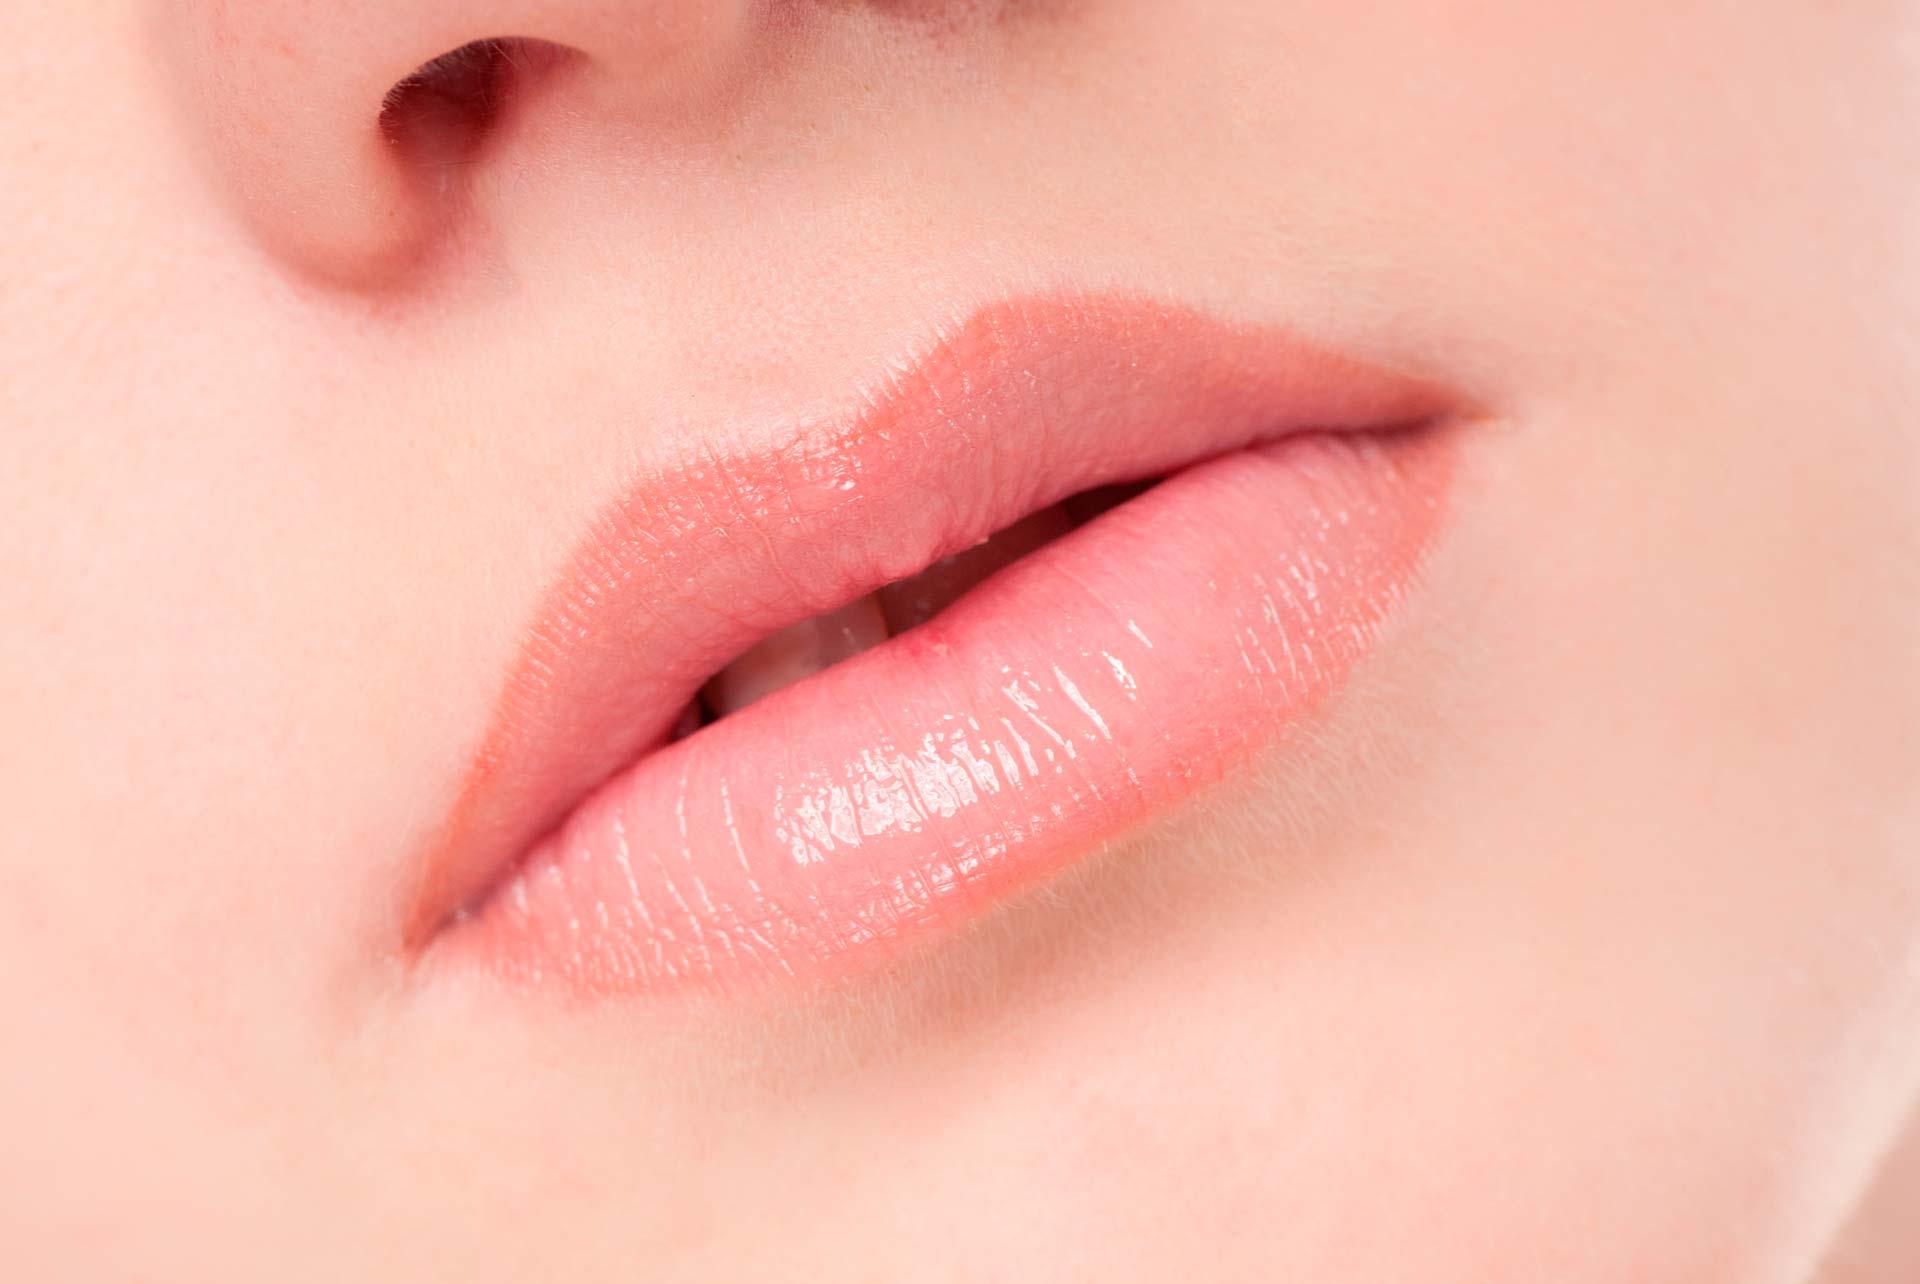 Dior Addict Lip Glow Color Reviving Lip Balm in 2020 | Lip